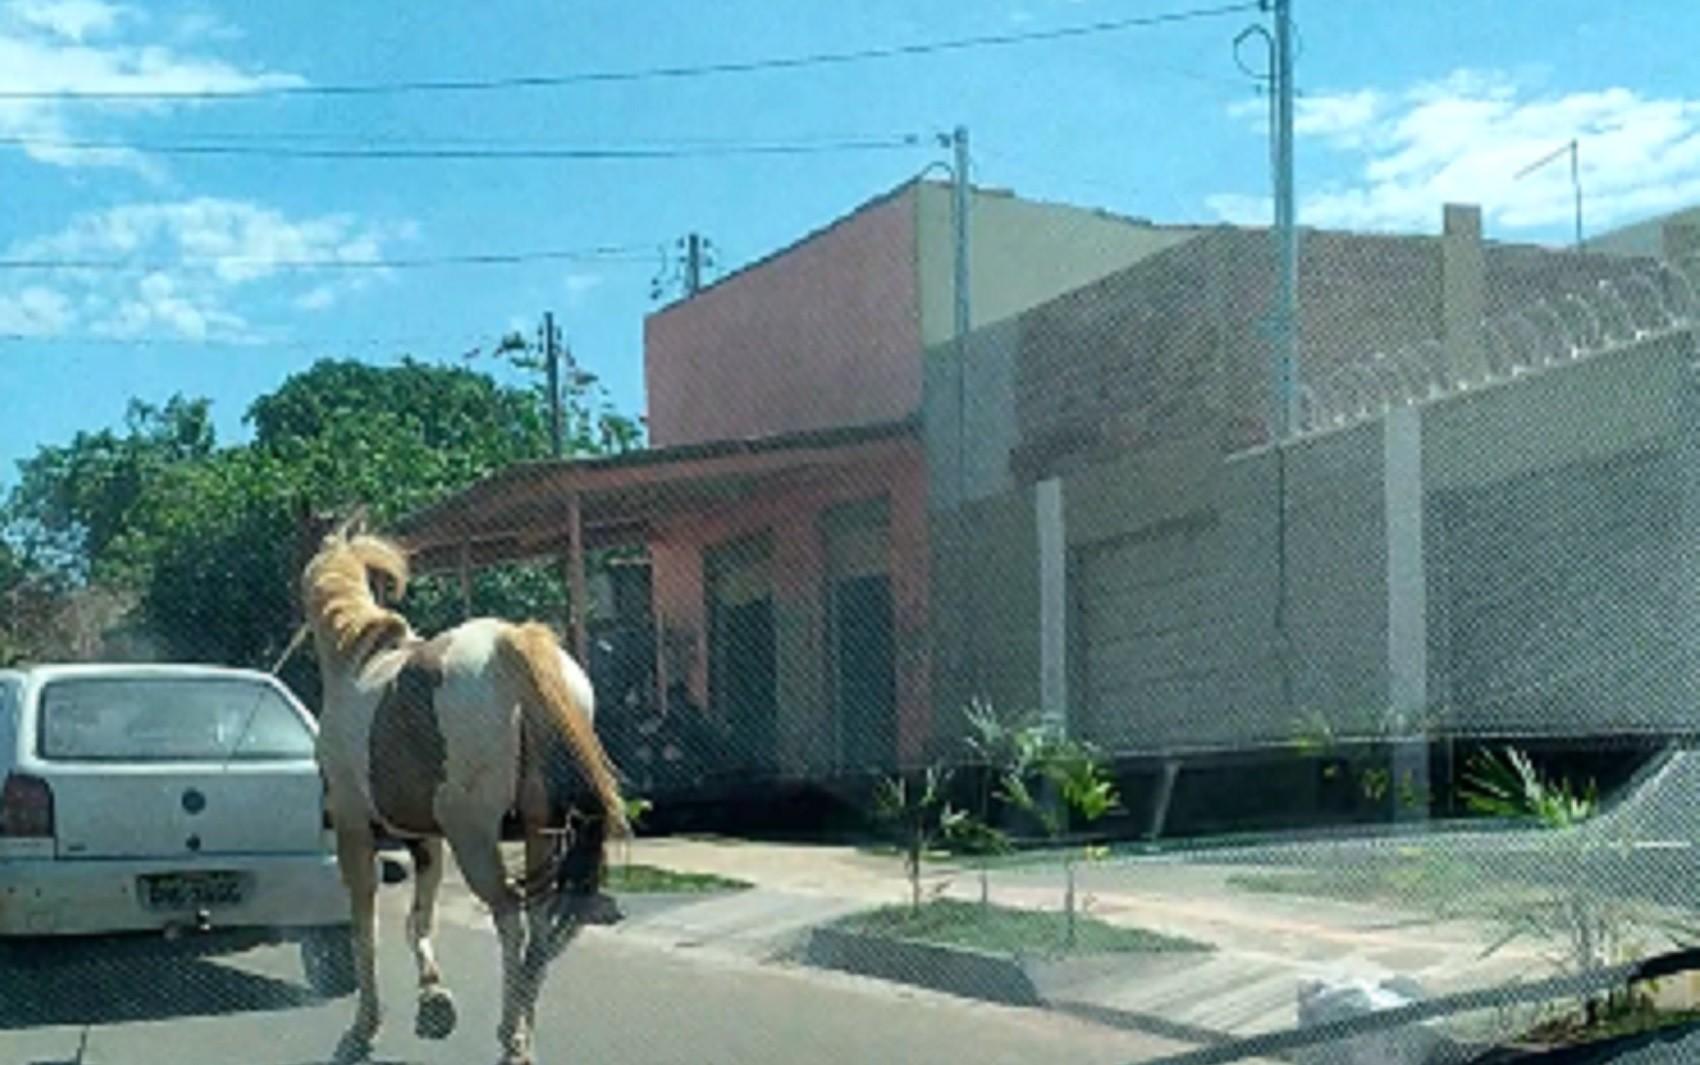 Morador filma cavalo sendo puxado por carro em Goiânia